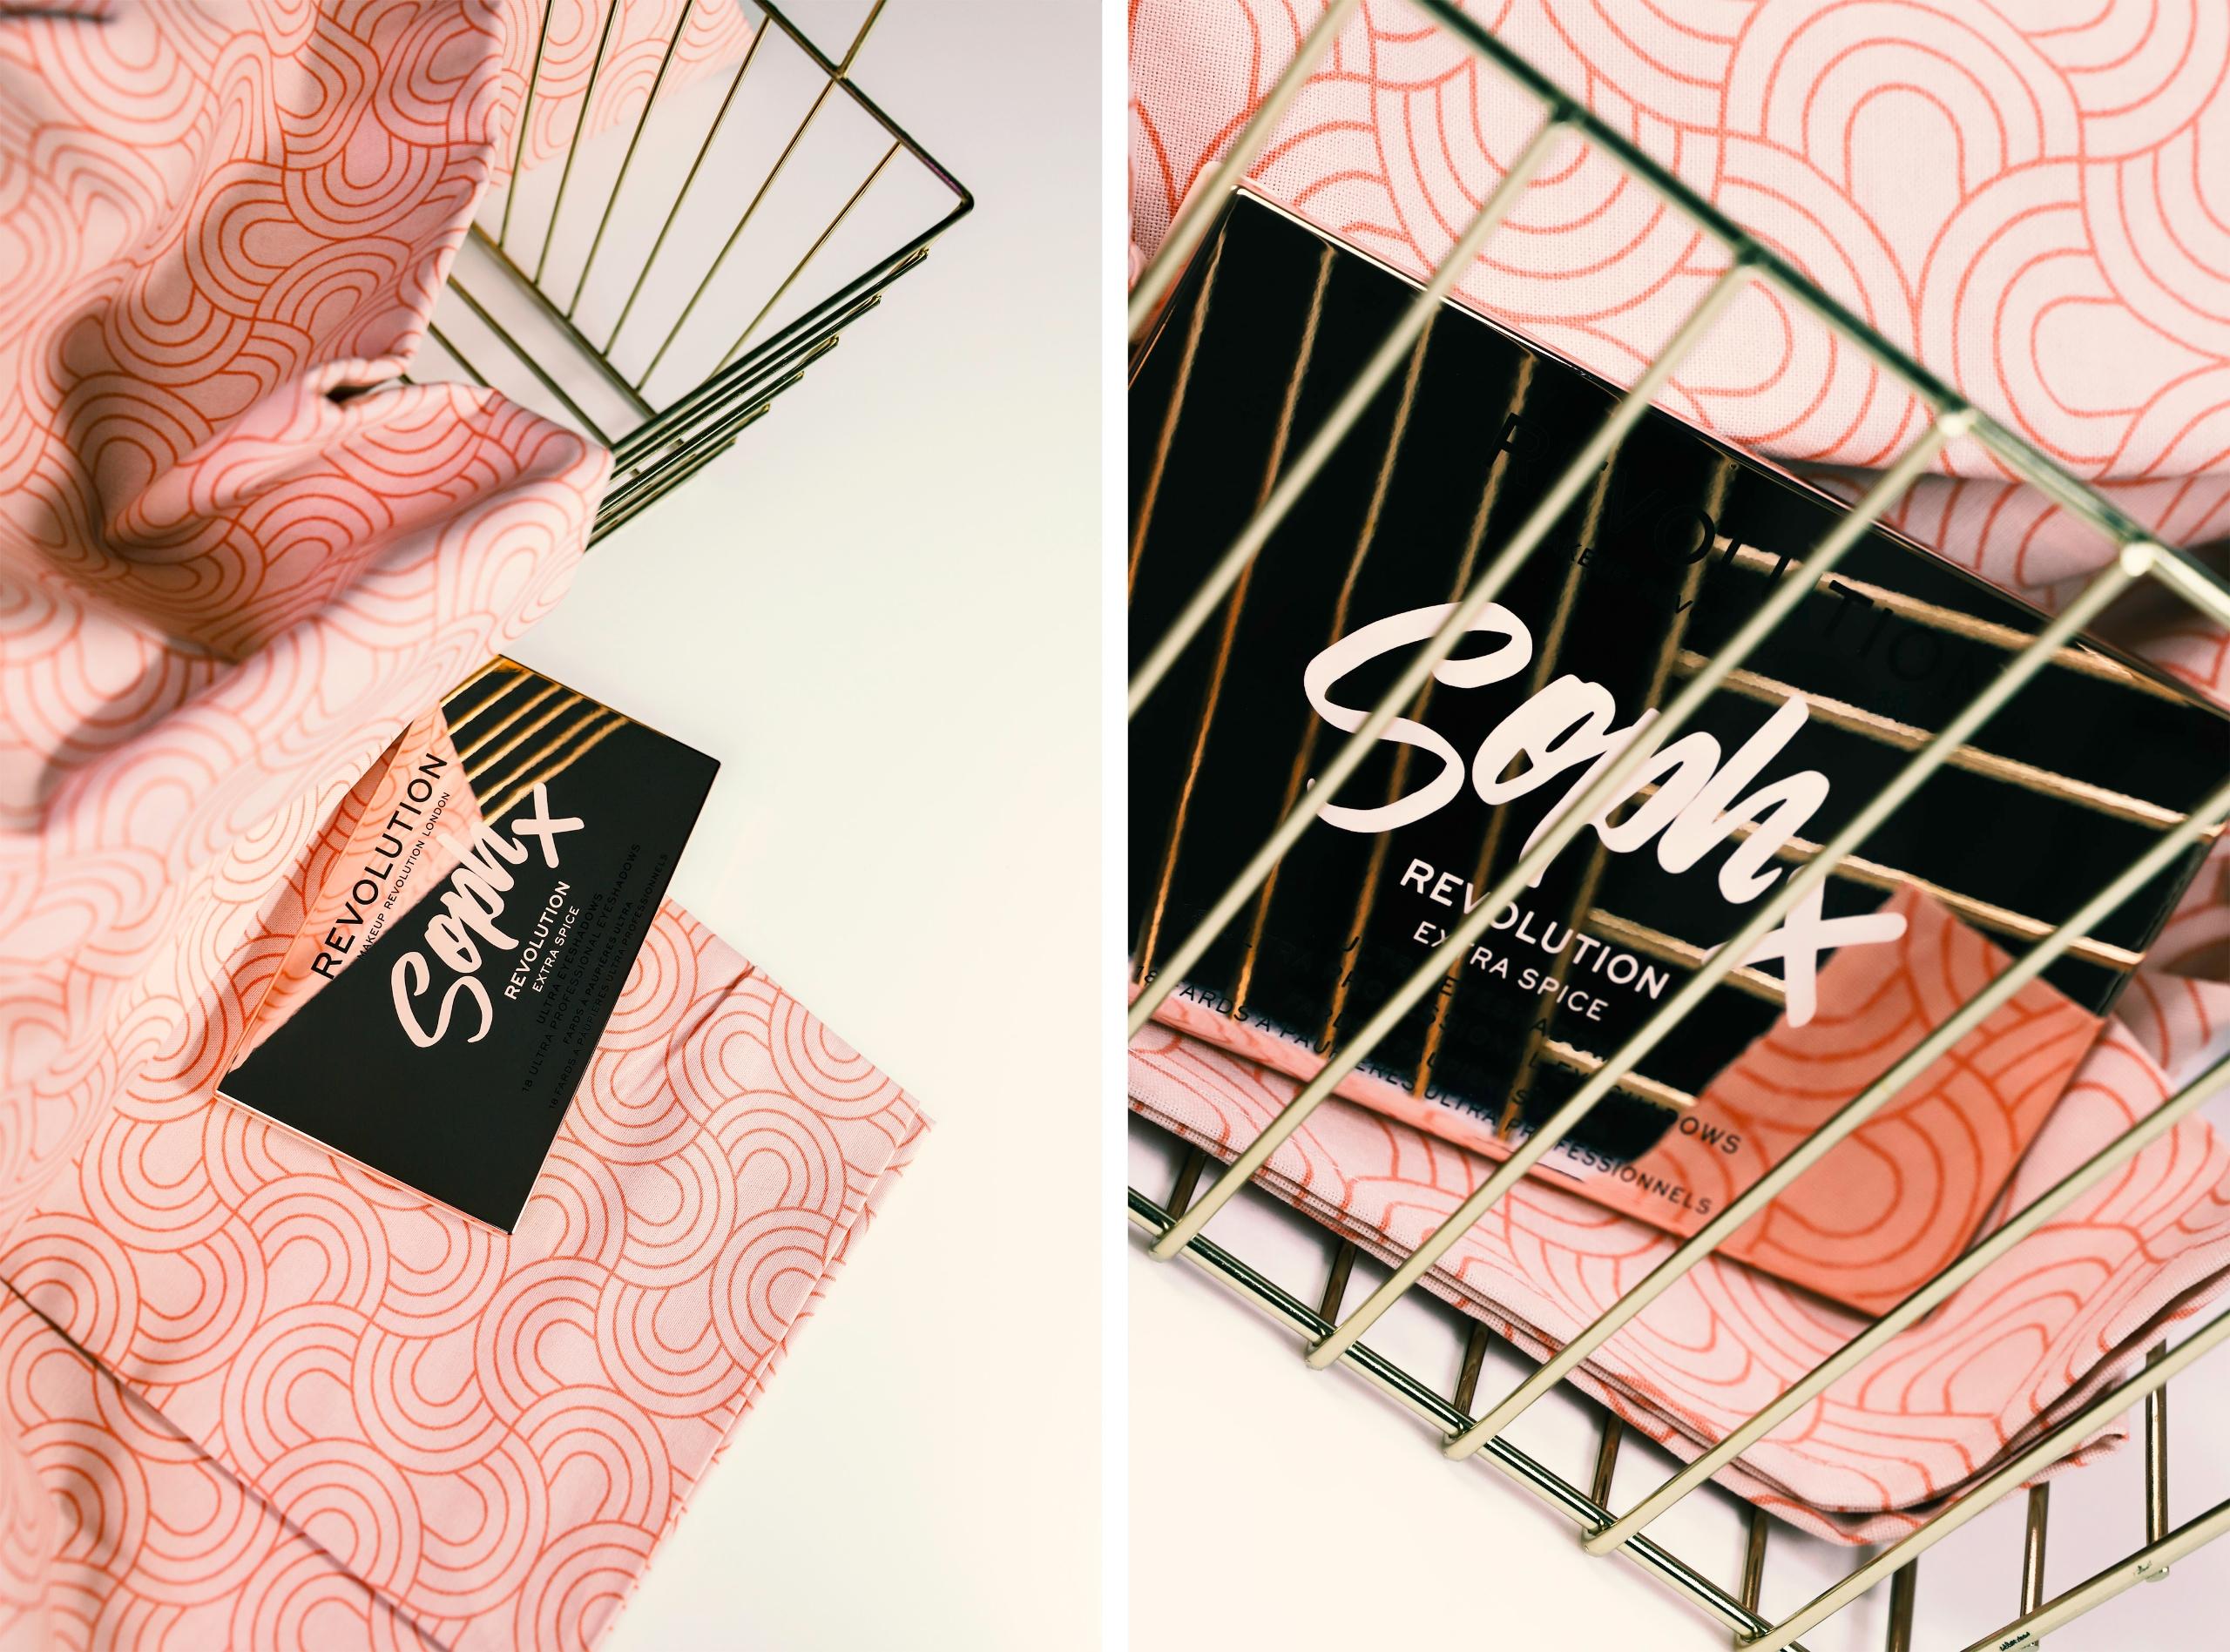 Obraz przedstawia dwa zdjęcia kosmetyku leżącego na jasno-różowym obrusie.